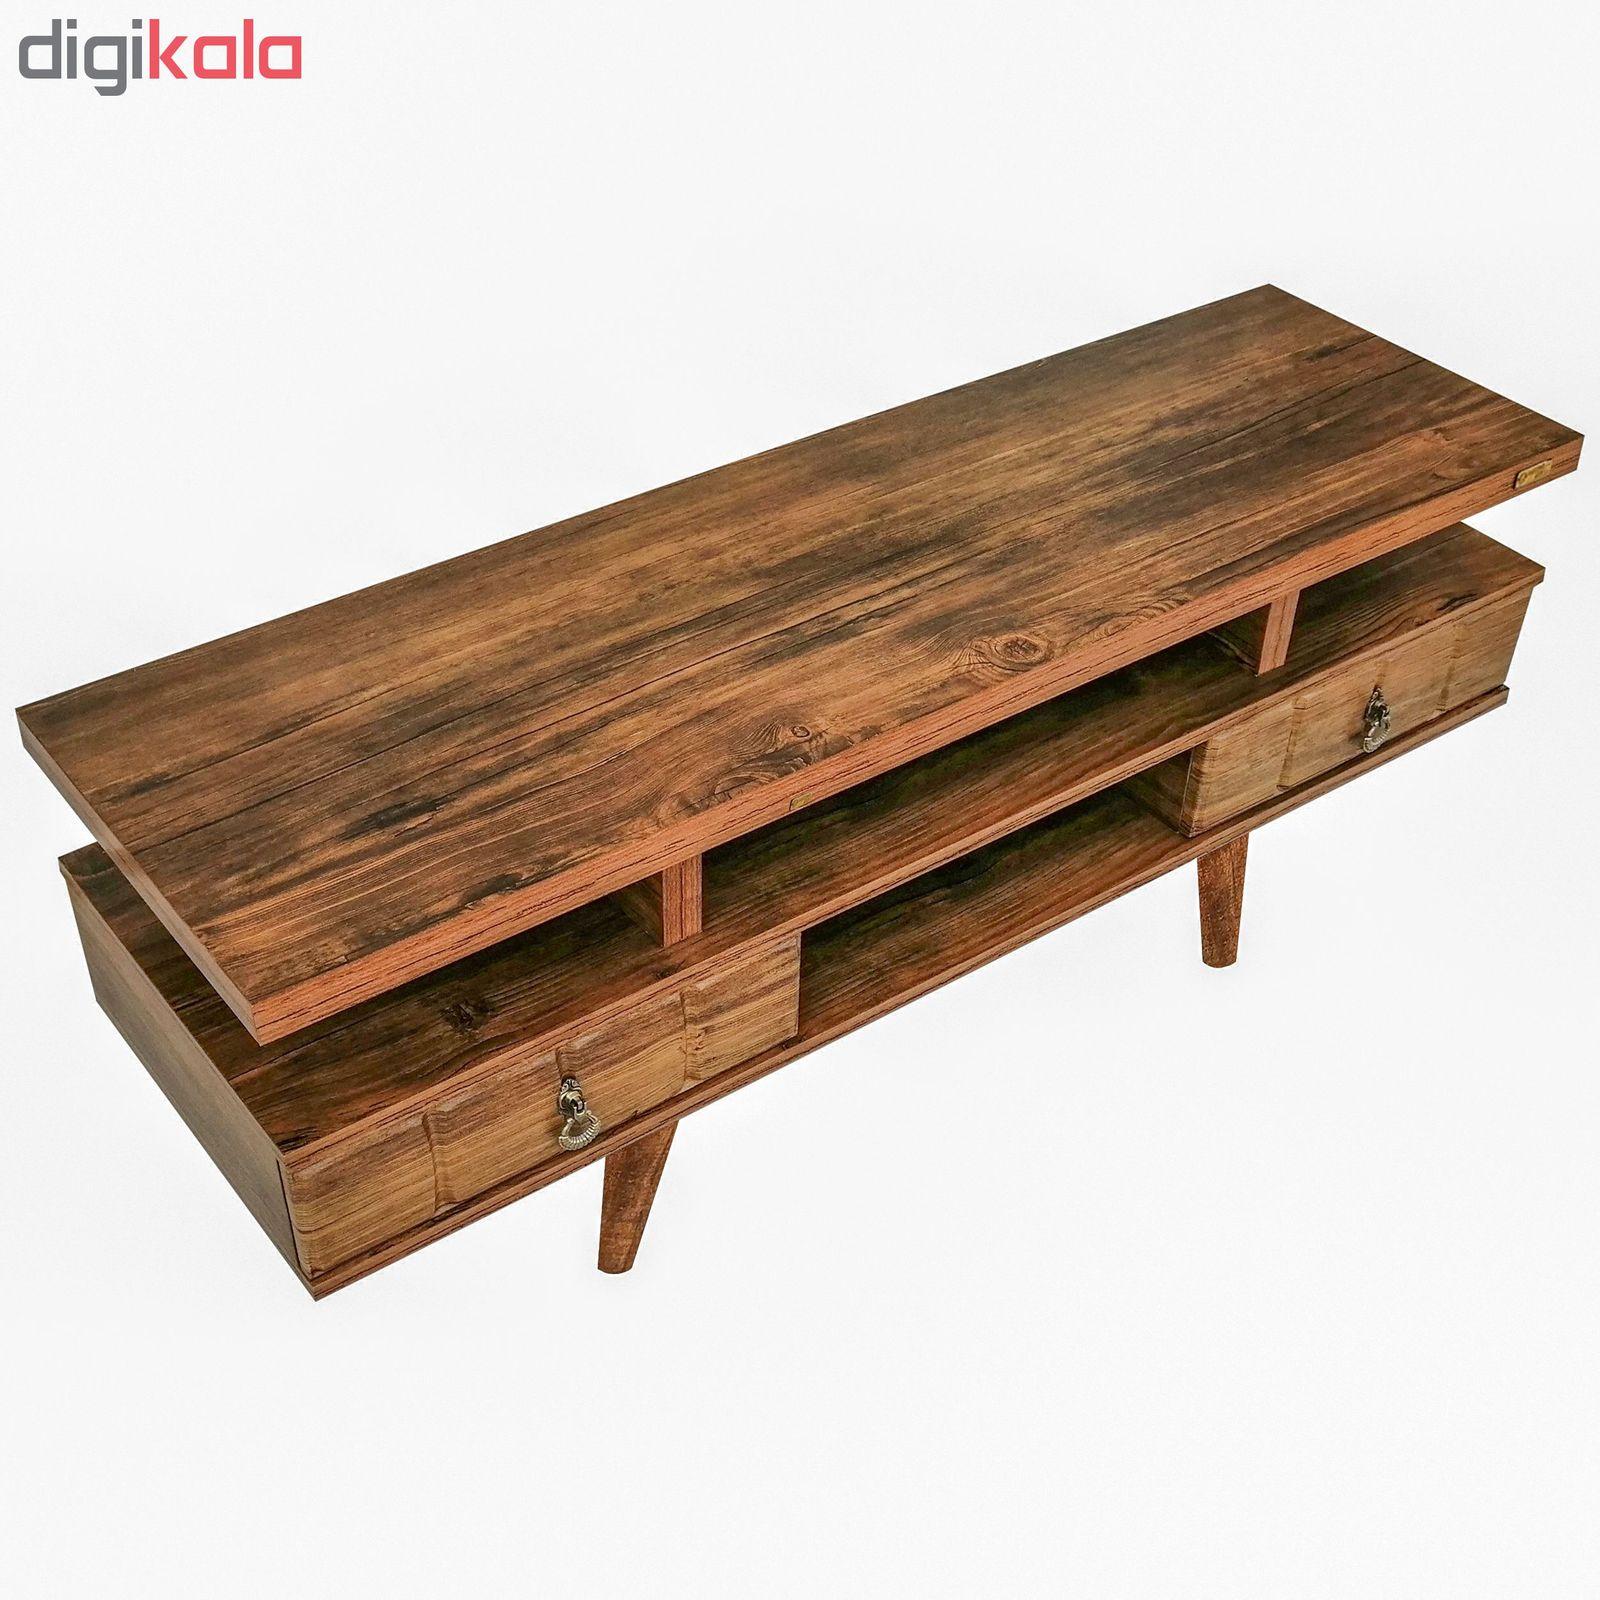 میز تلویزیون کاریزما وود مدل A.KM208 main 1 6